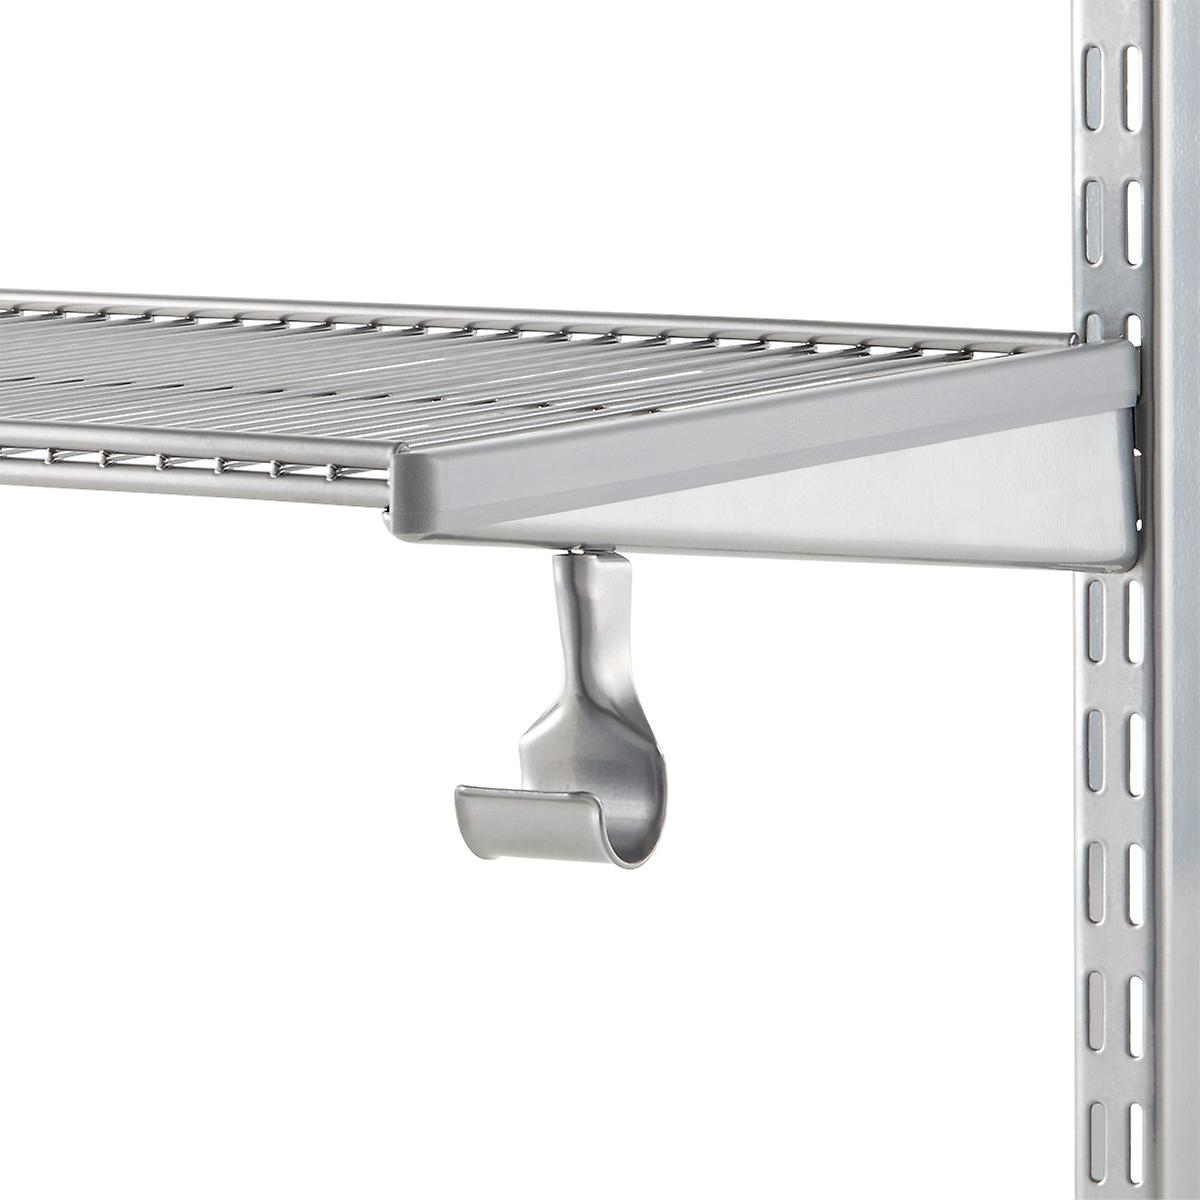 closet home socket rods hardware adjustable holders diameter rod wood installation support bracket pole holder